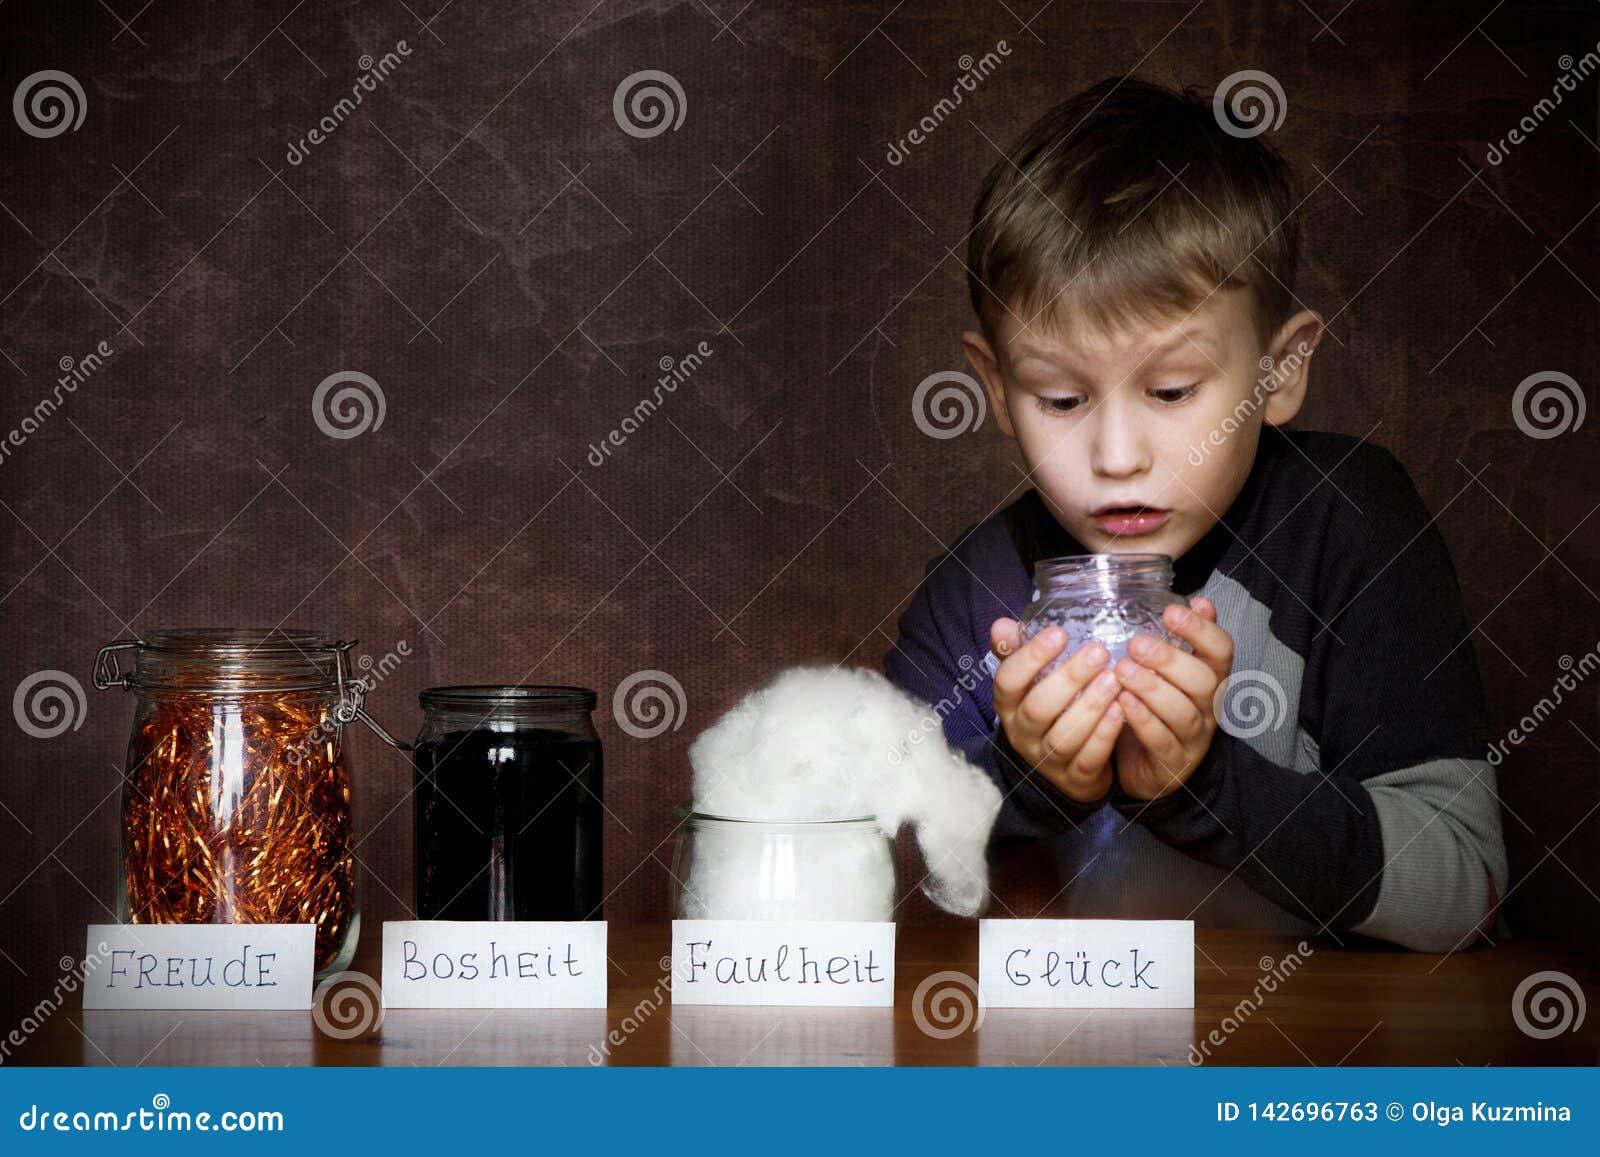 Ευρωπαϊκό αγόρι εμφάνισης Στα βάζα δίπλα σε τον χαρά, θυμός, τεμπελιά Στα χέρια ενός παιδιού ένα βάζο της ευτυχίας